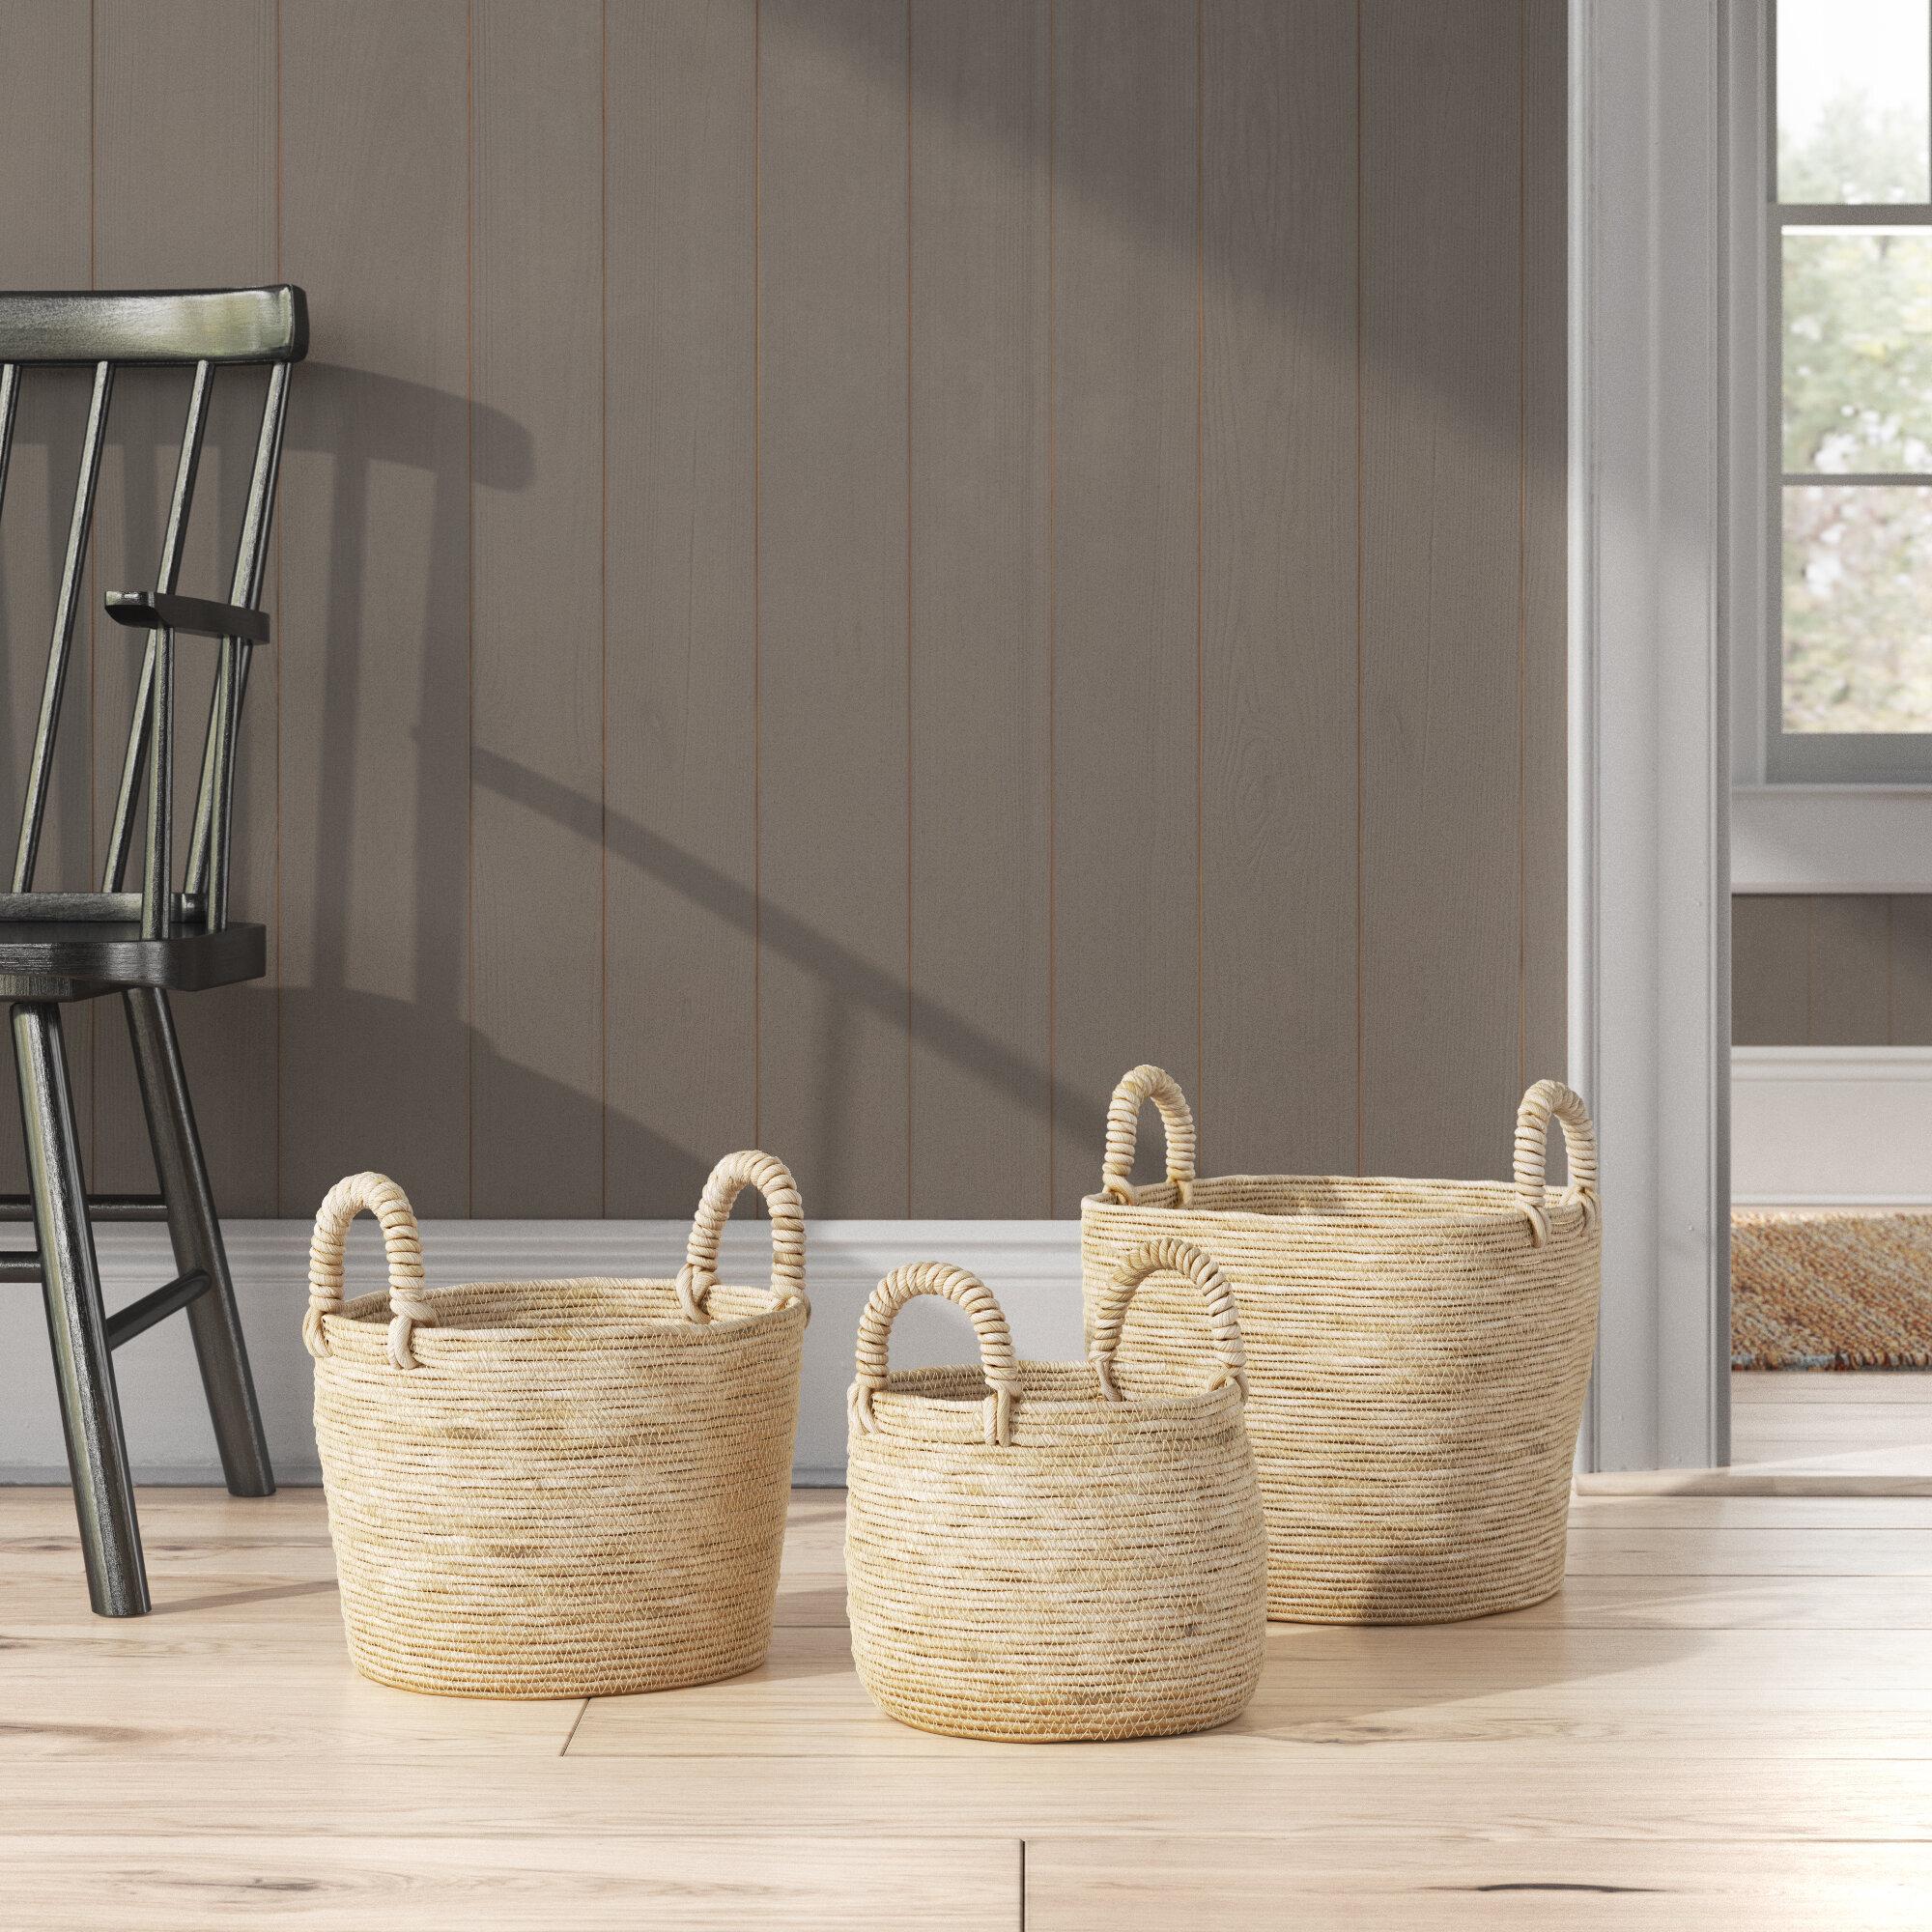 Berke 3 Piece Wicker Basket Set Birch Lane